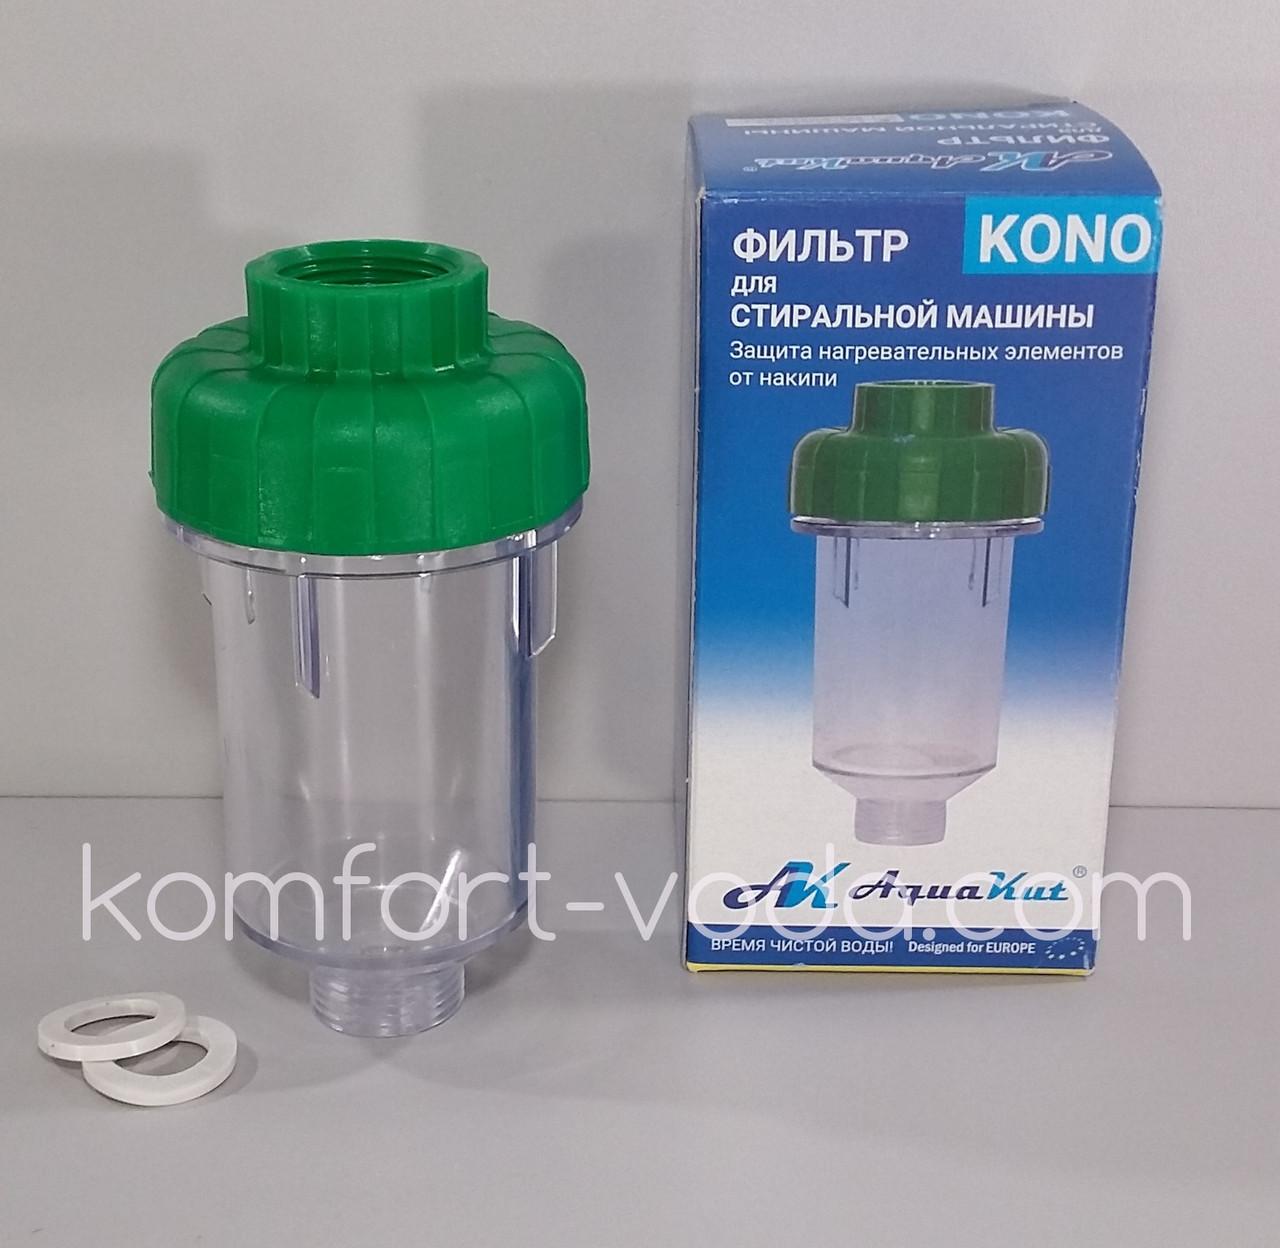 Фильтр для стиральной машины KONO (пустой)